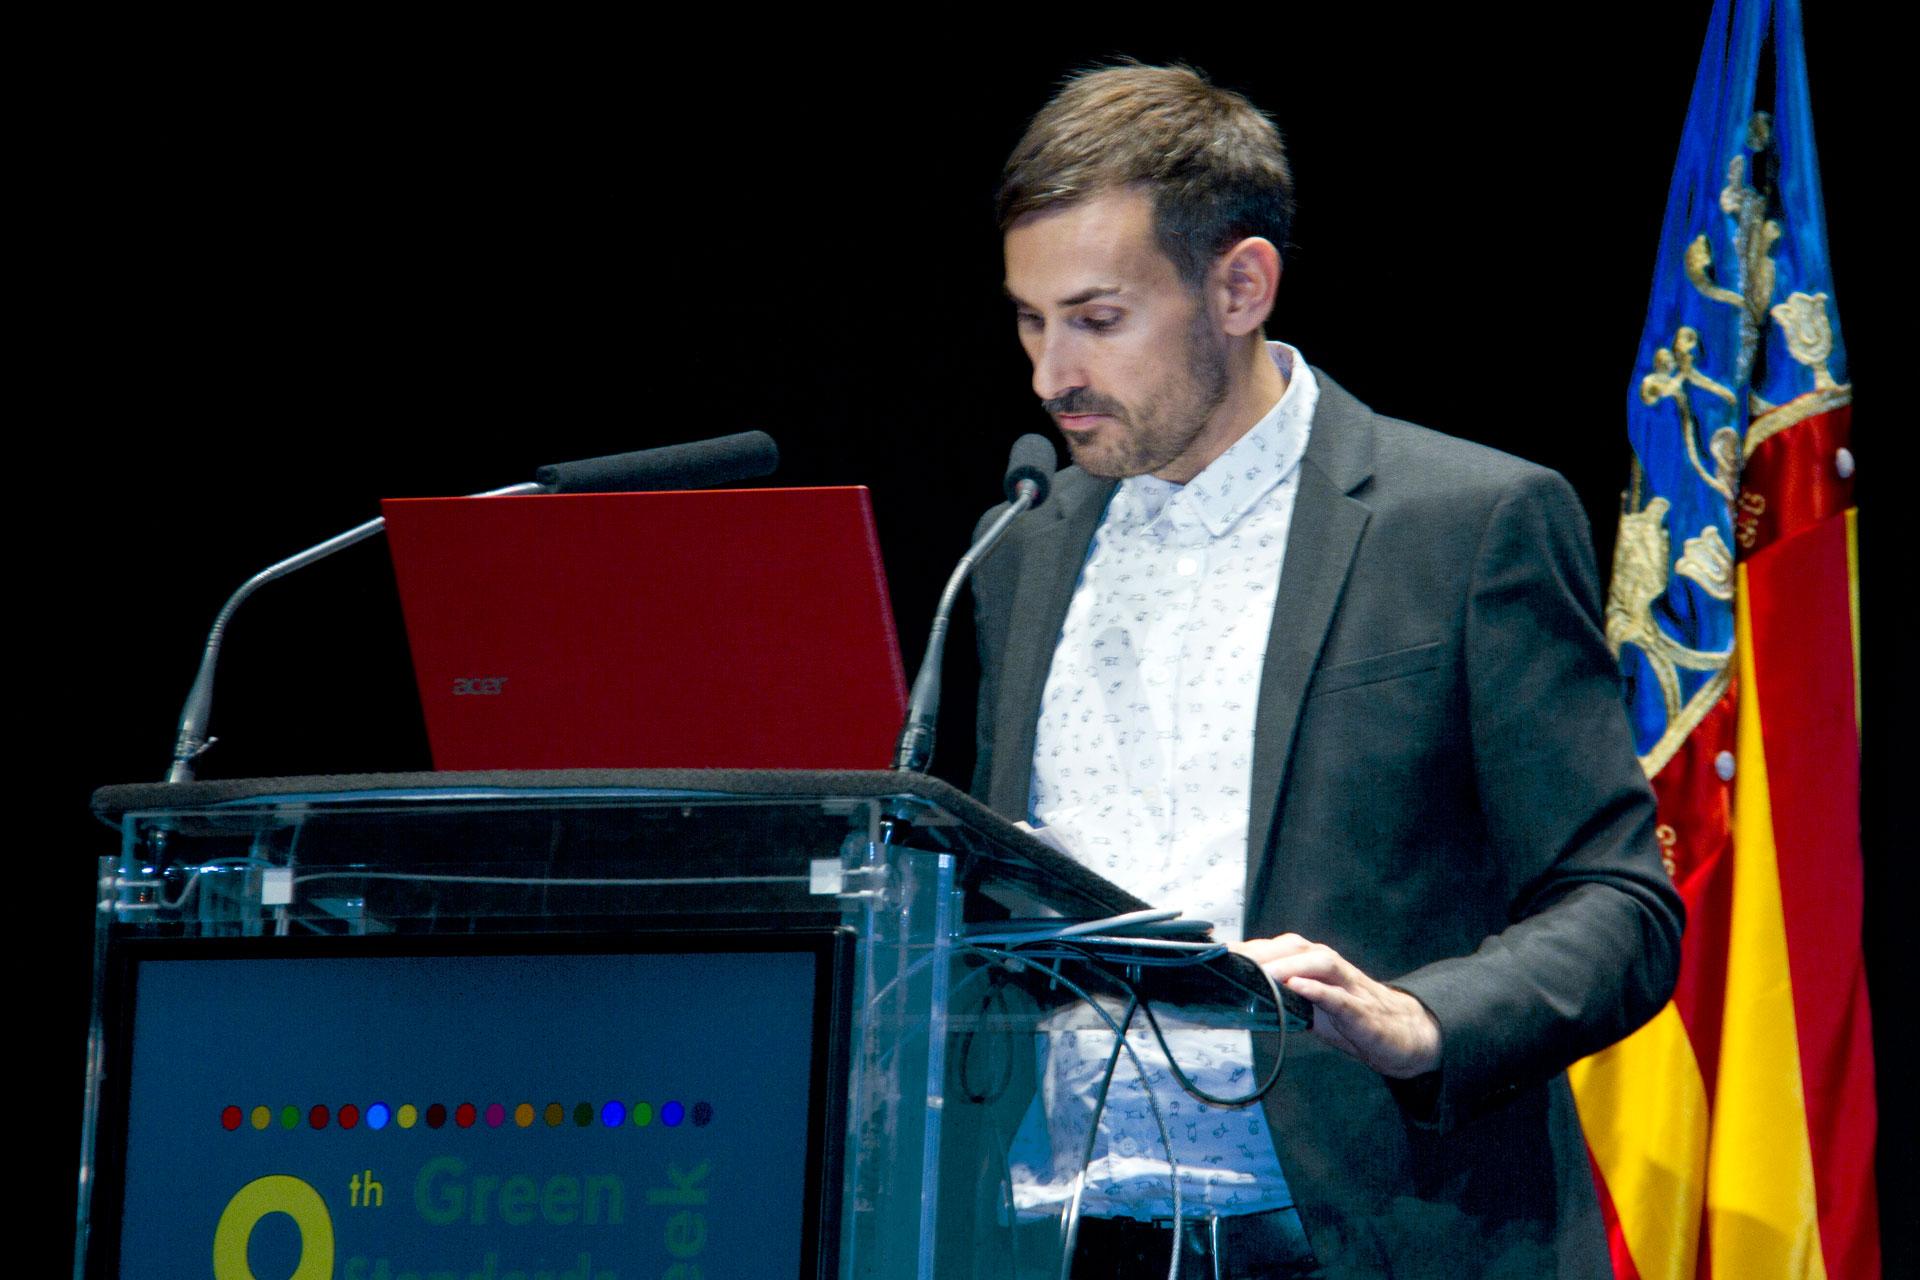 Sergi Campillo en la 9ª Semana de las Normas Verdes - Conectando las ciudades con los Objetivos de Desarrollo Sostenible